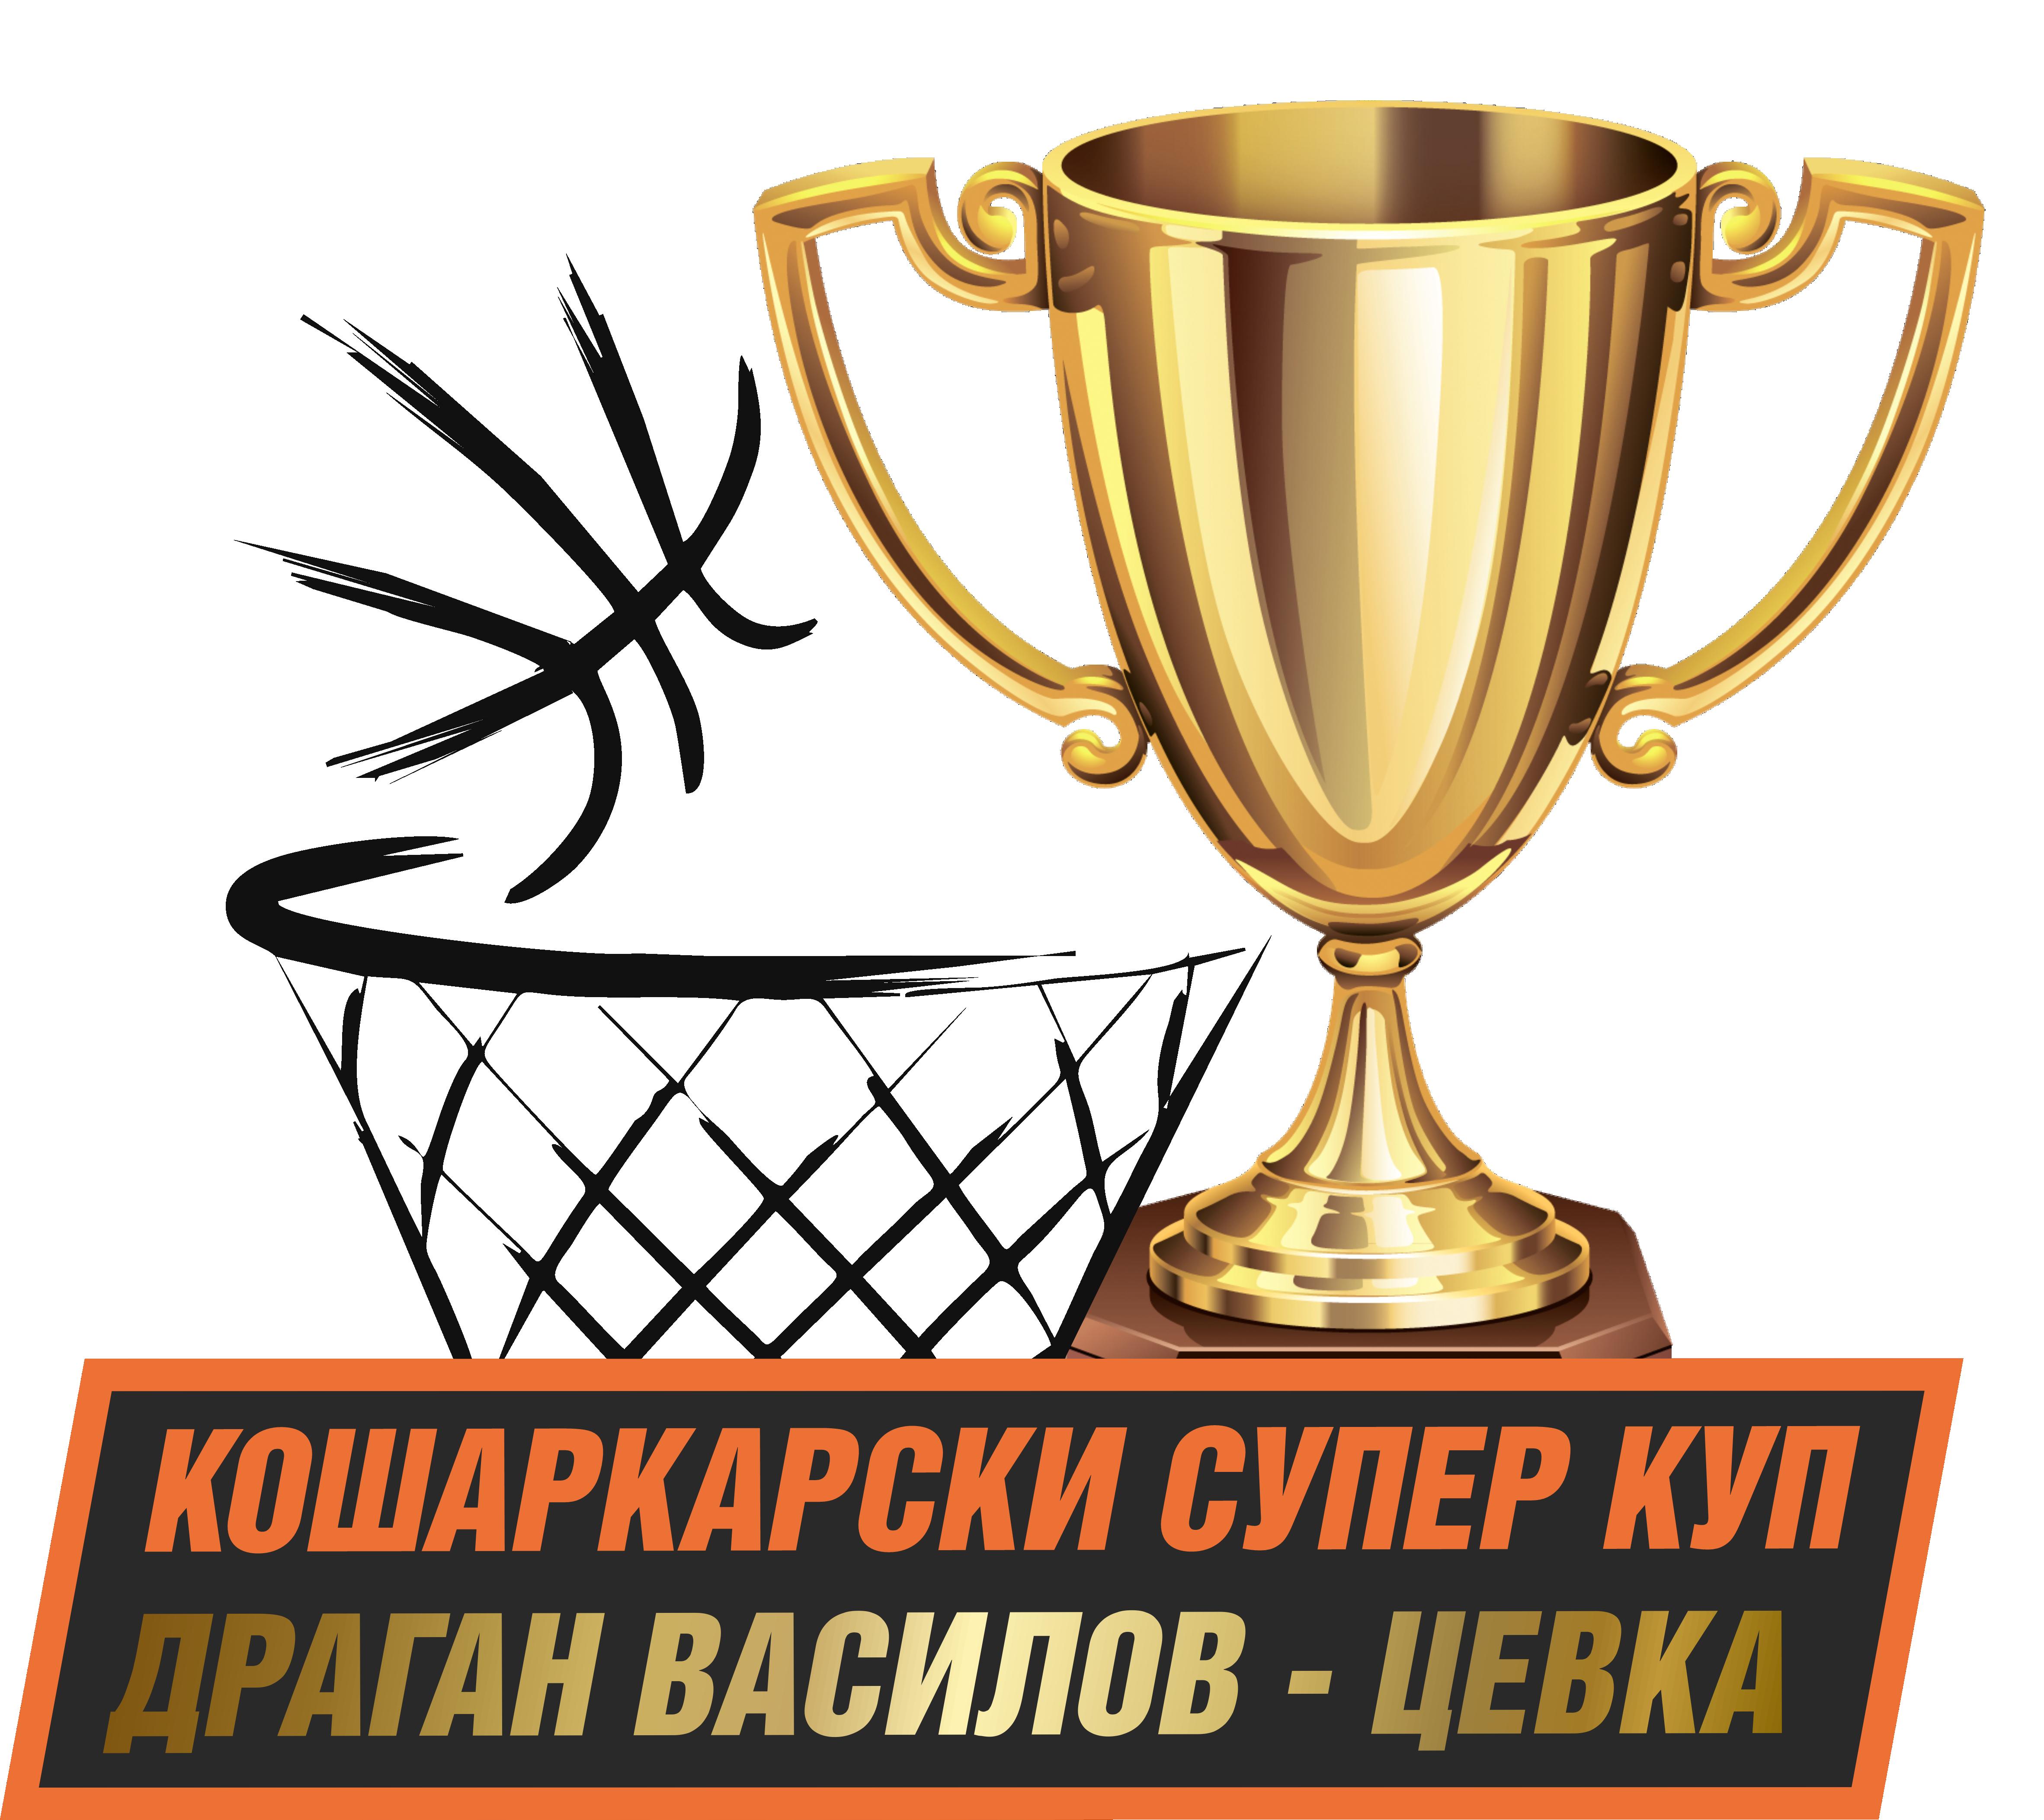 Champ Image